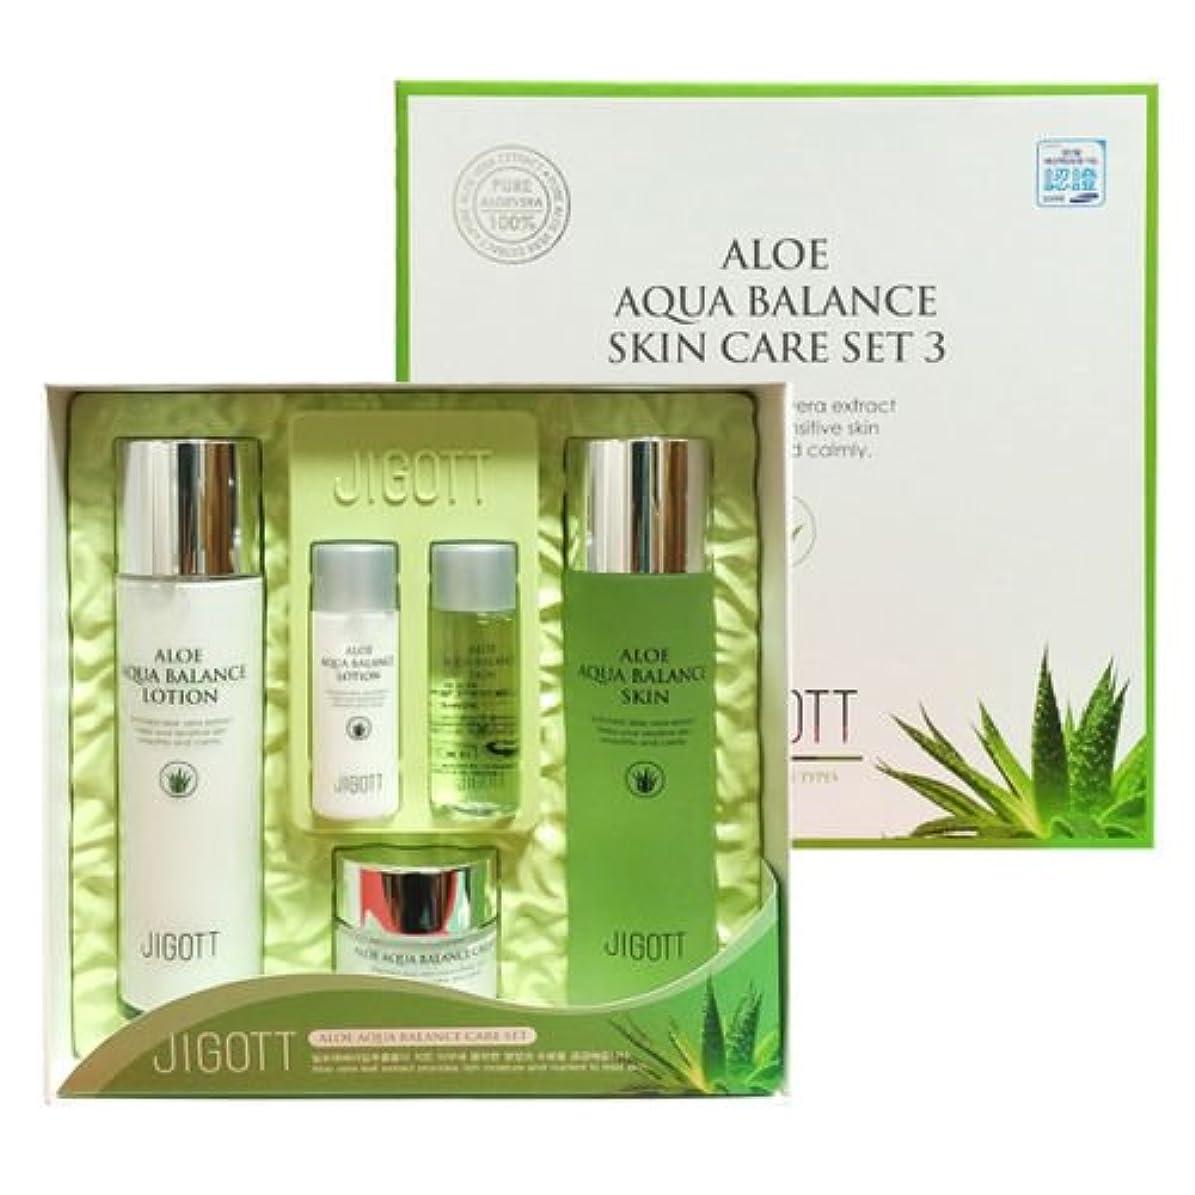 上流の高く行うジゴトゥ[韓国コスメJigott]Aloe Aqua Balance Skin Care 3 Set アロエアクアバランススキンケア3セット樹液,乳液,クリーム [並行輸入品]